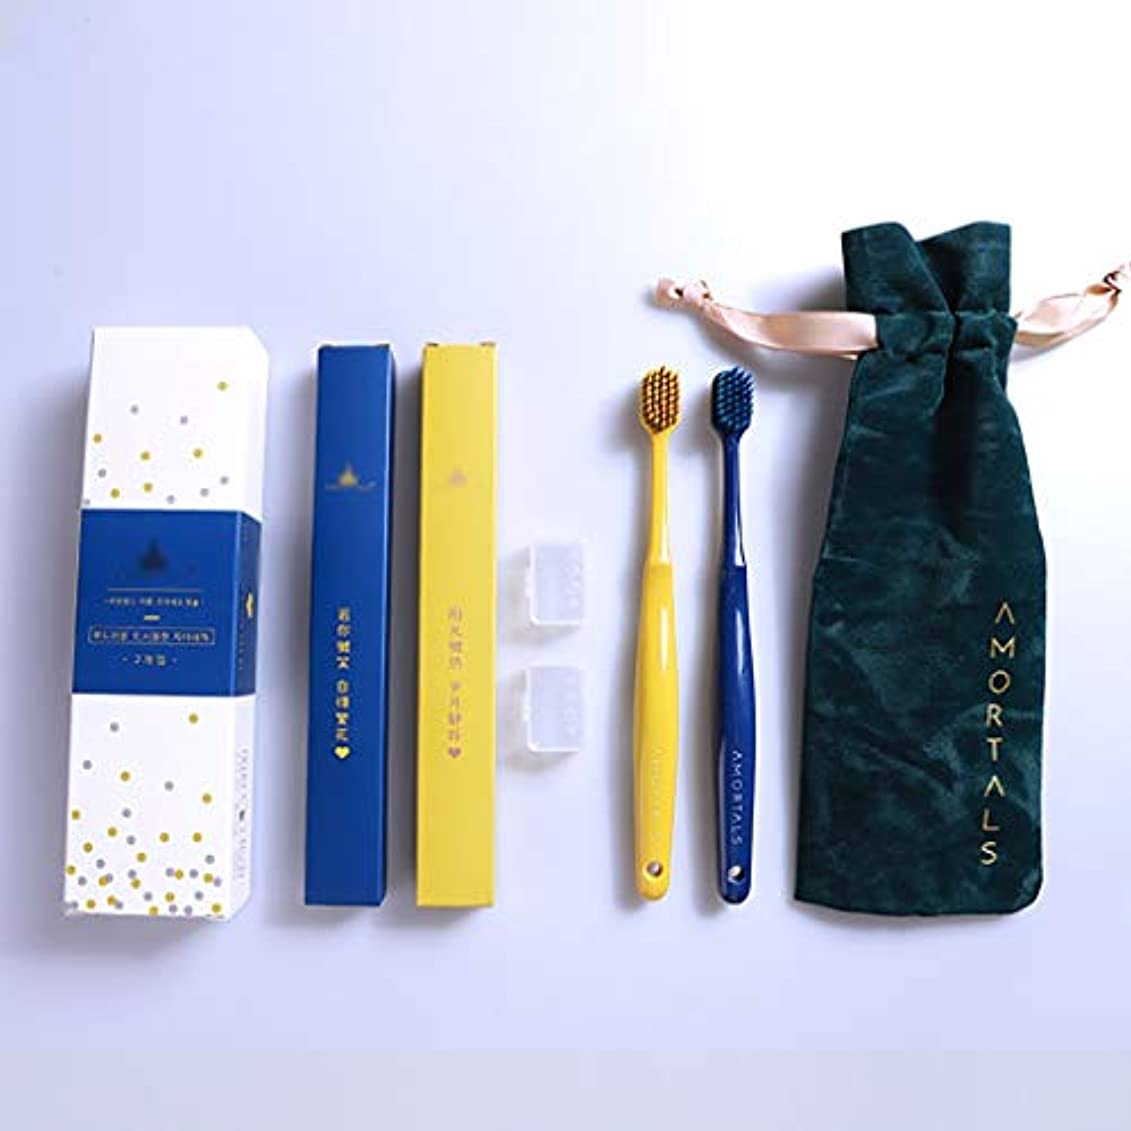 有益未接続好色なガムの効率的な洗浄及び保護のための人間工学PBTブラシハンドル歯ブラシ